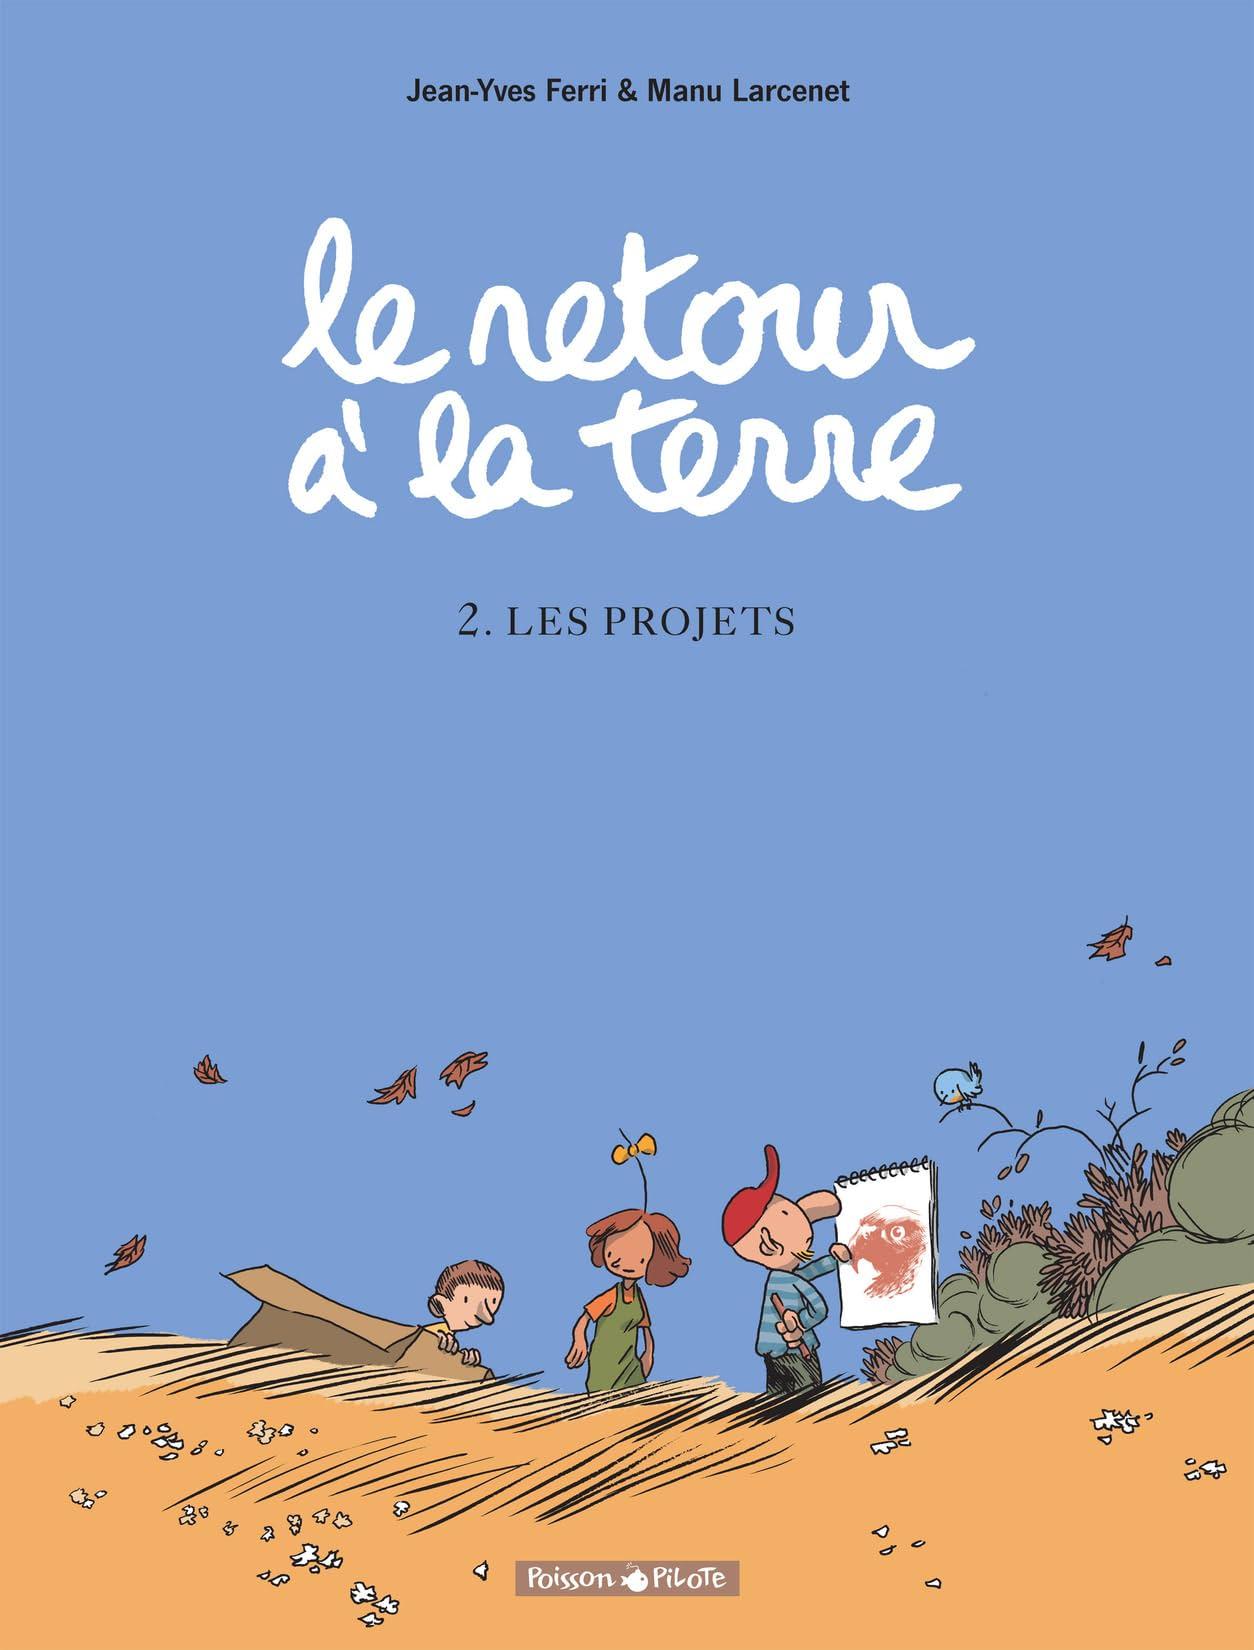 Le retour à la terre Vol. 2: Les projets